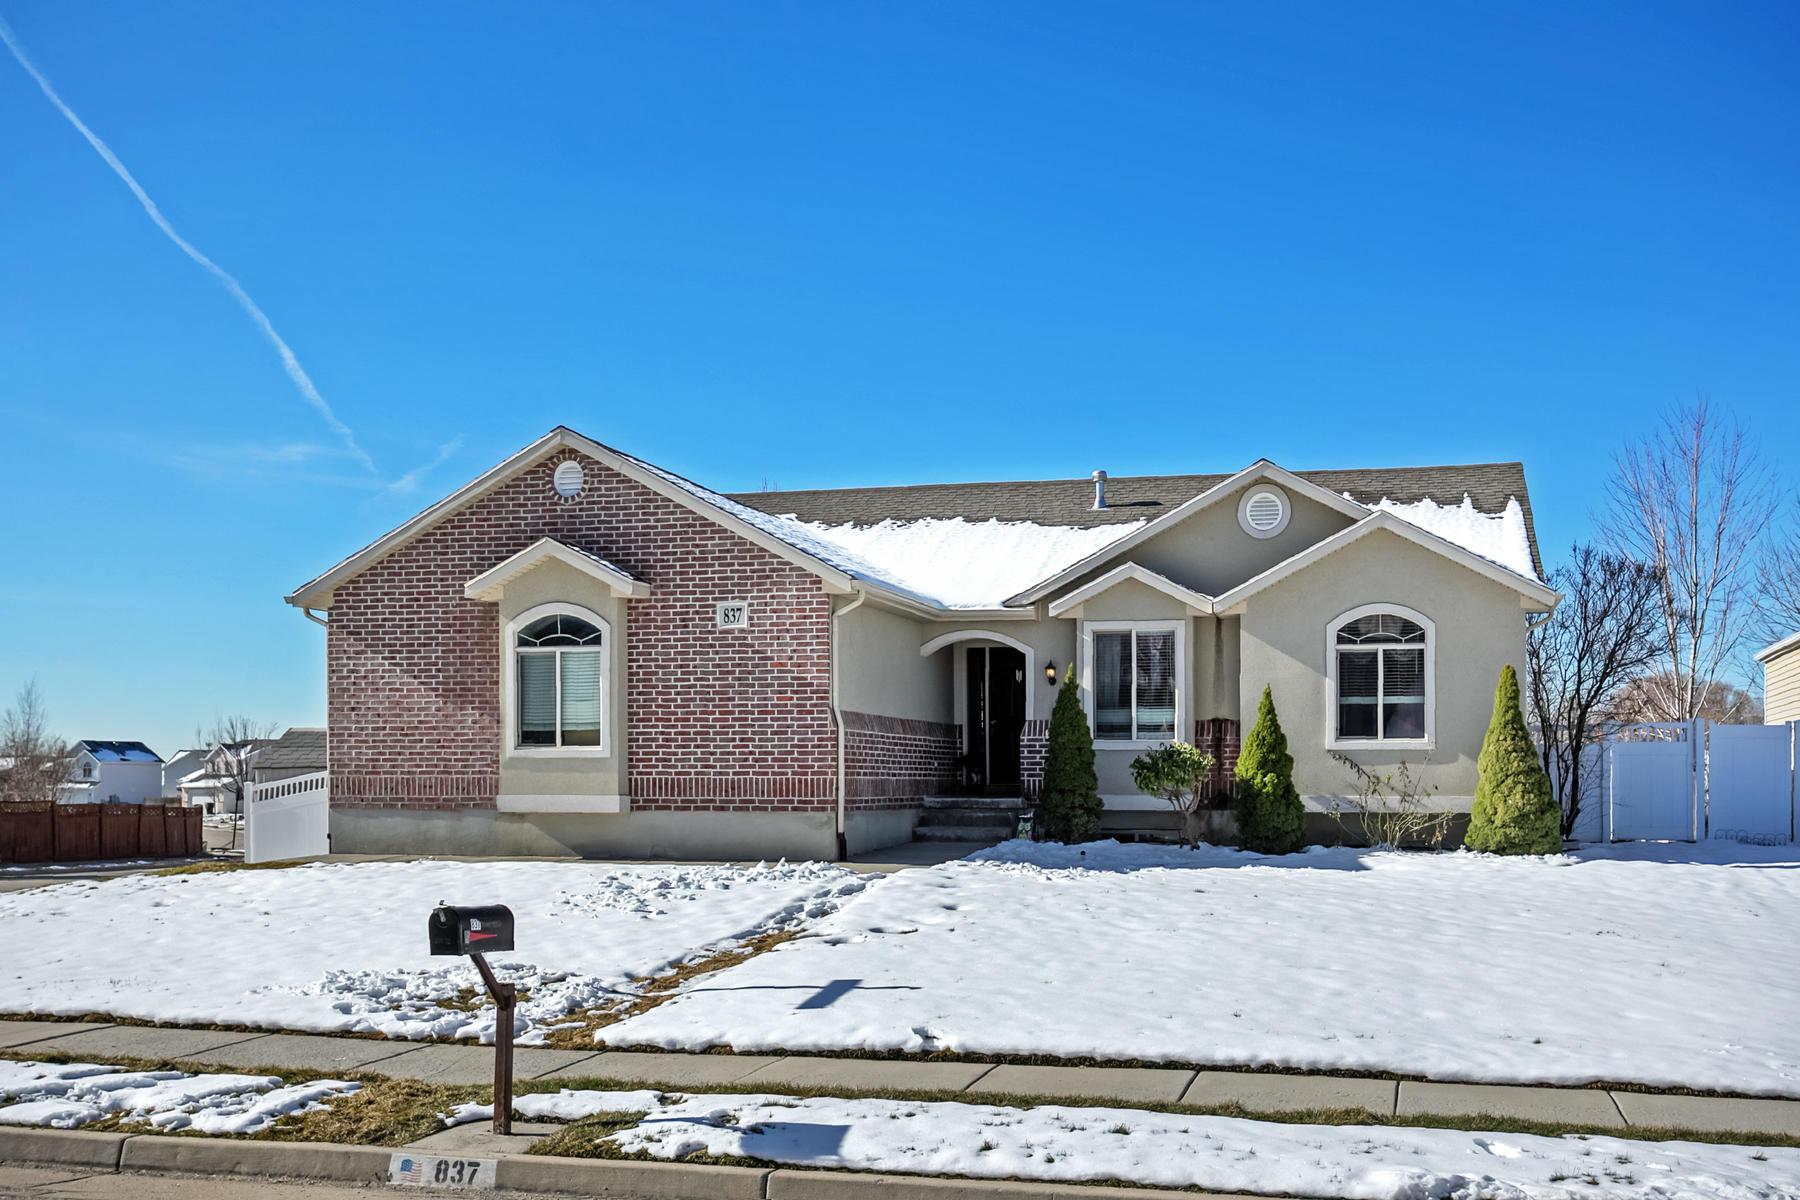 Частный односемейный дом для того Продажа на Charming Rambler In A Quiet Kaysville Neighborhood 837 N Crimson Lane Kaysville, Юта, 84037 Соединенные Штаты